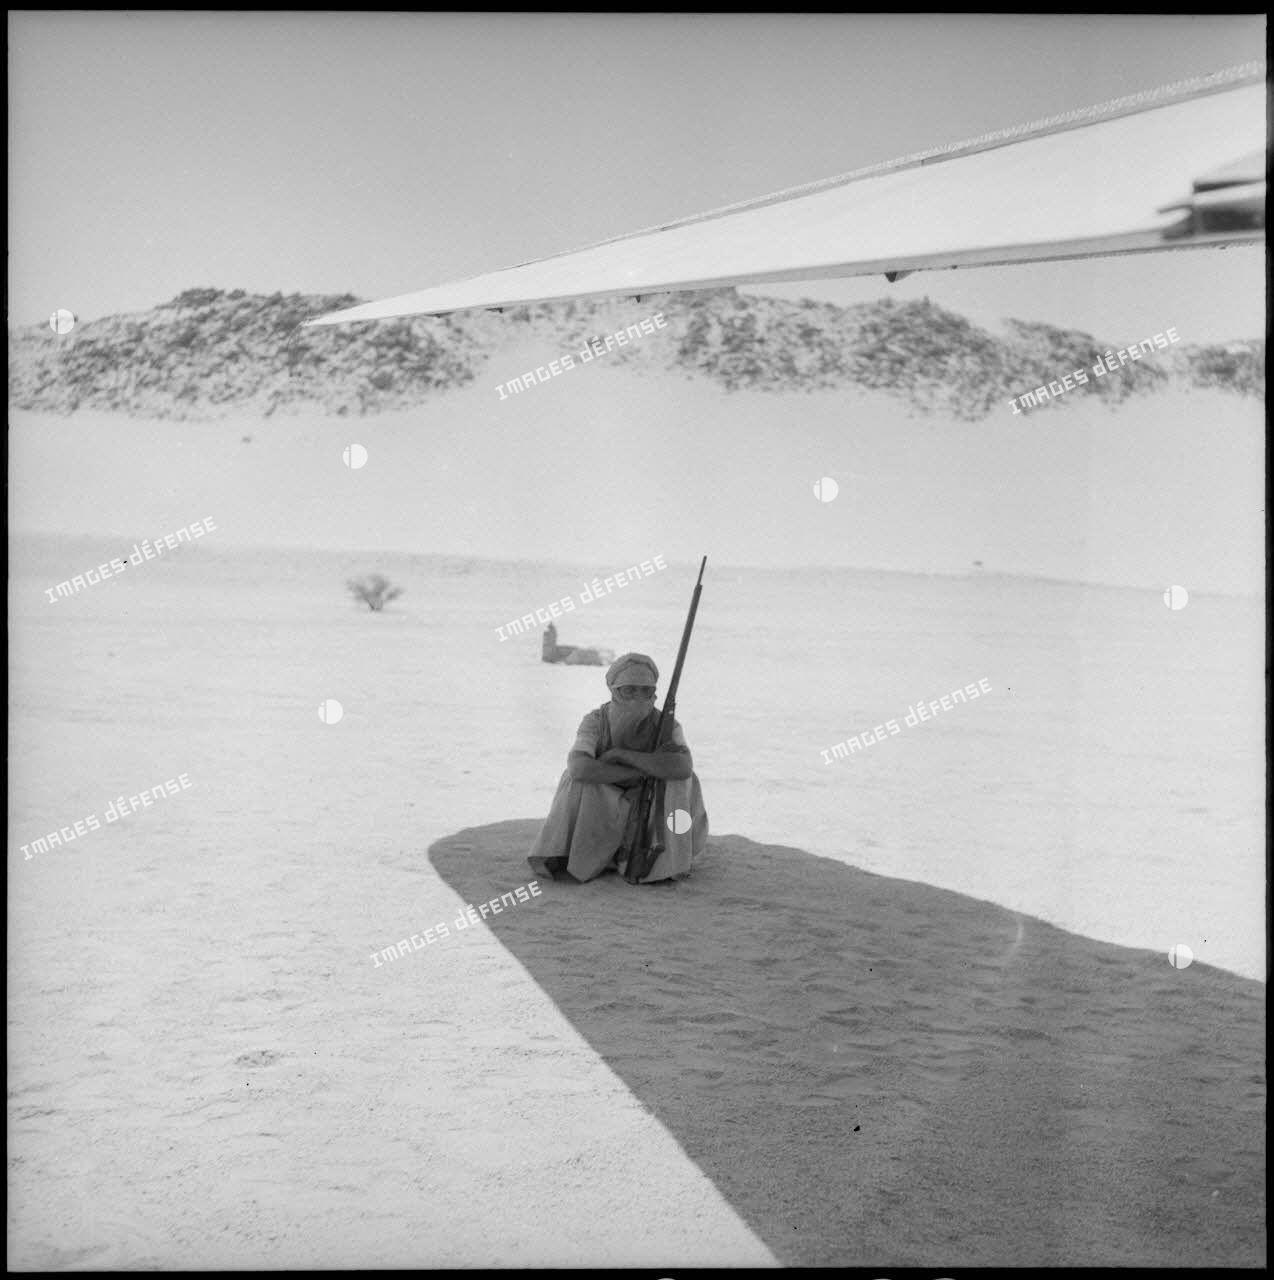 Le garde de l'avion de Max Lejeune veille à l'ombre d'une aile.